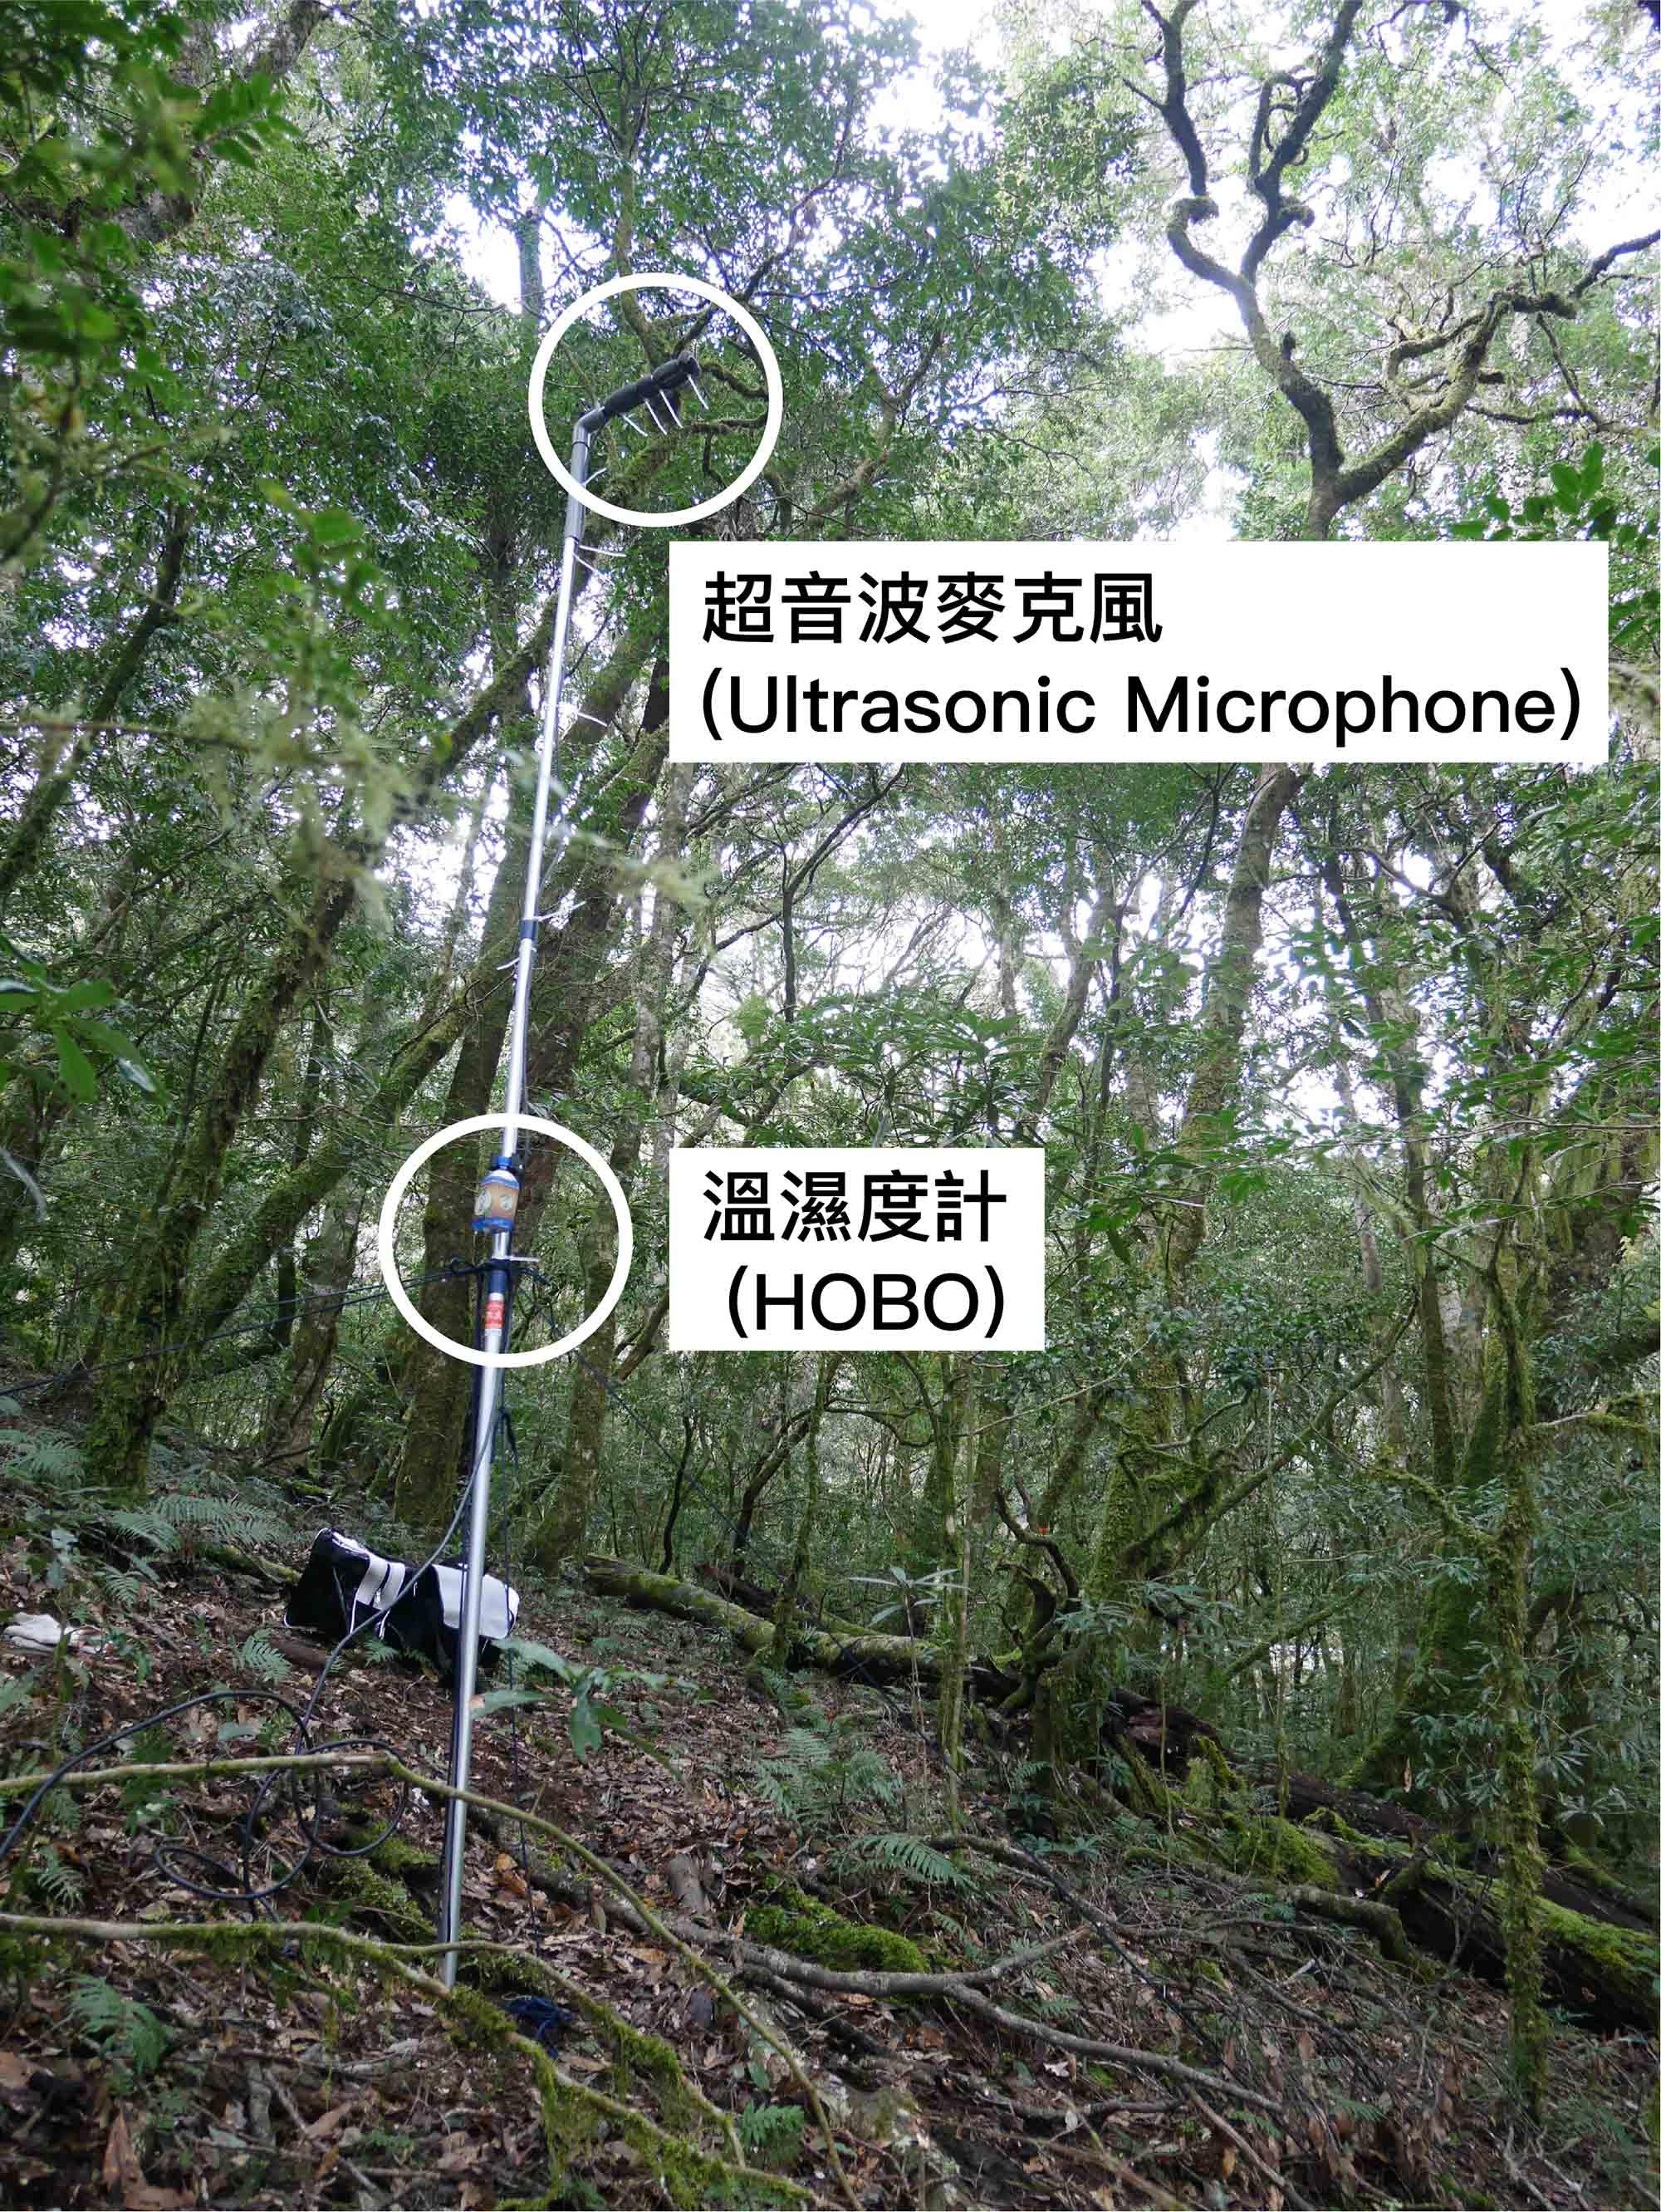 收錄蝙蝠聲音的超音波麥克風 (Ultrasonic Microphone) 與溫濕度計 (HOBO)。圖│端木茂甯、李佳紜